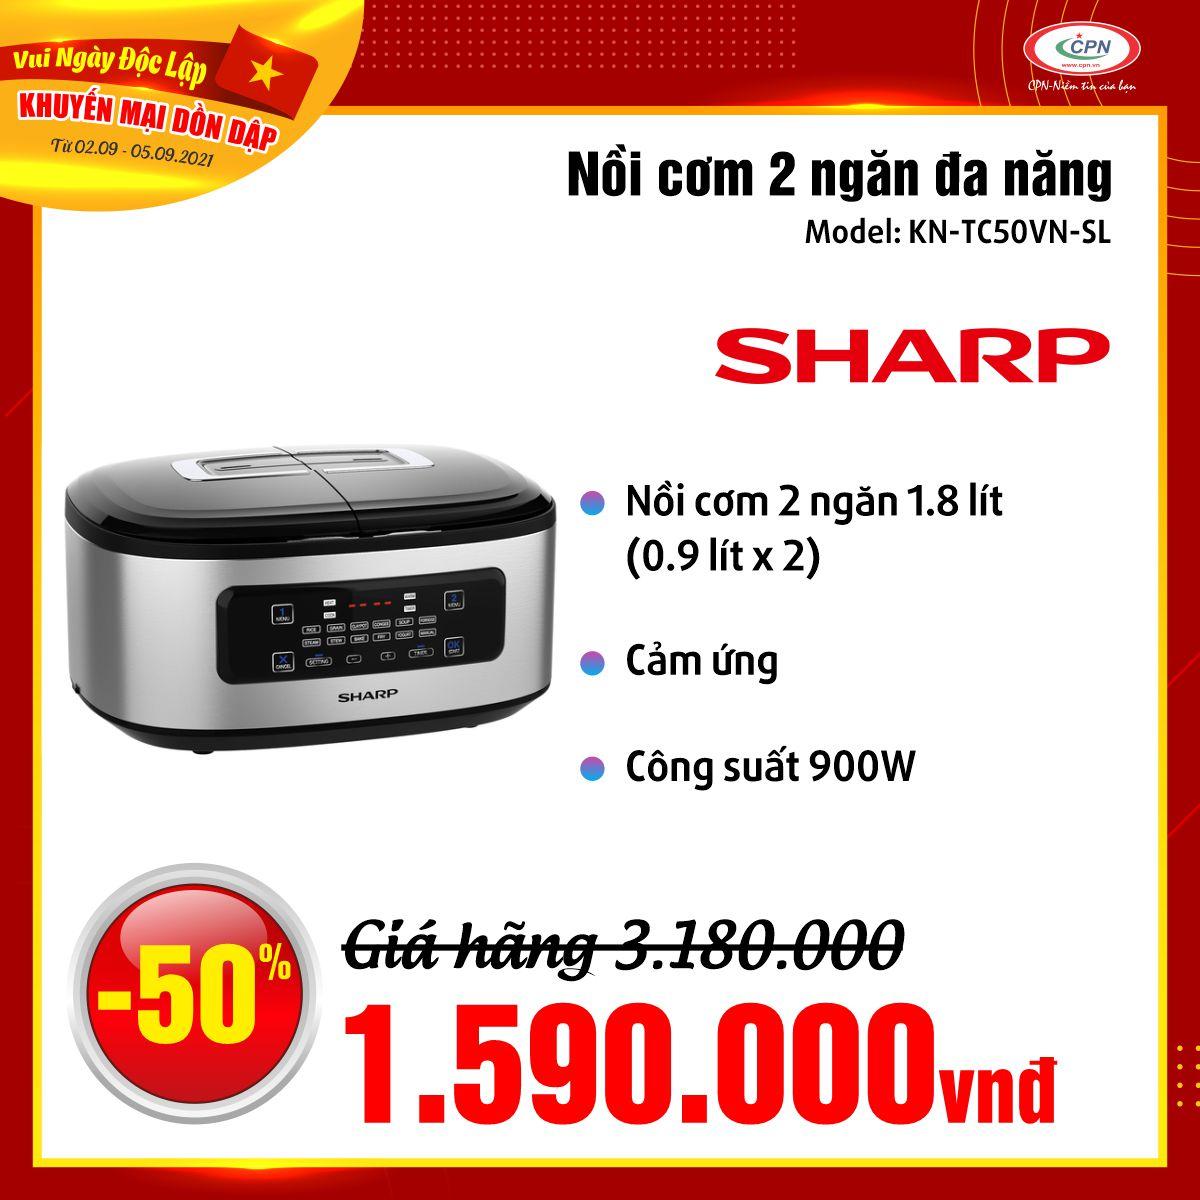 900x900-quoc-khanh-2021-kn-tc50vn-sl.jpg